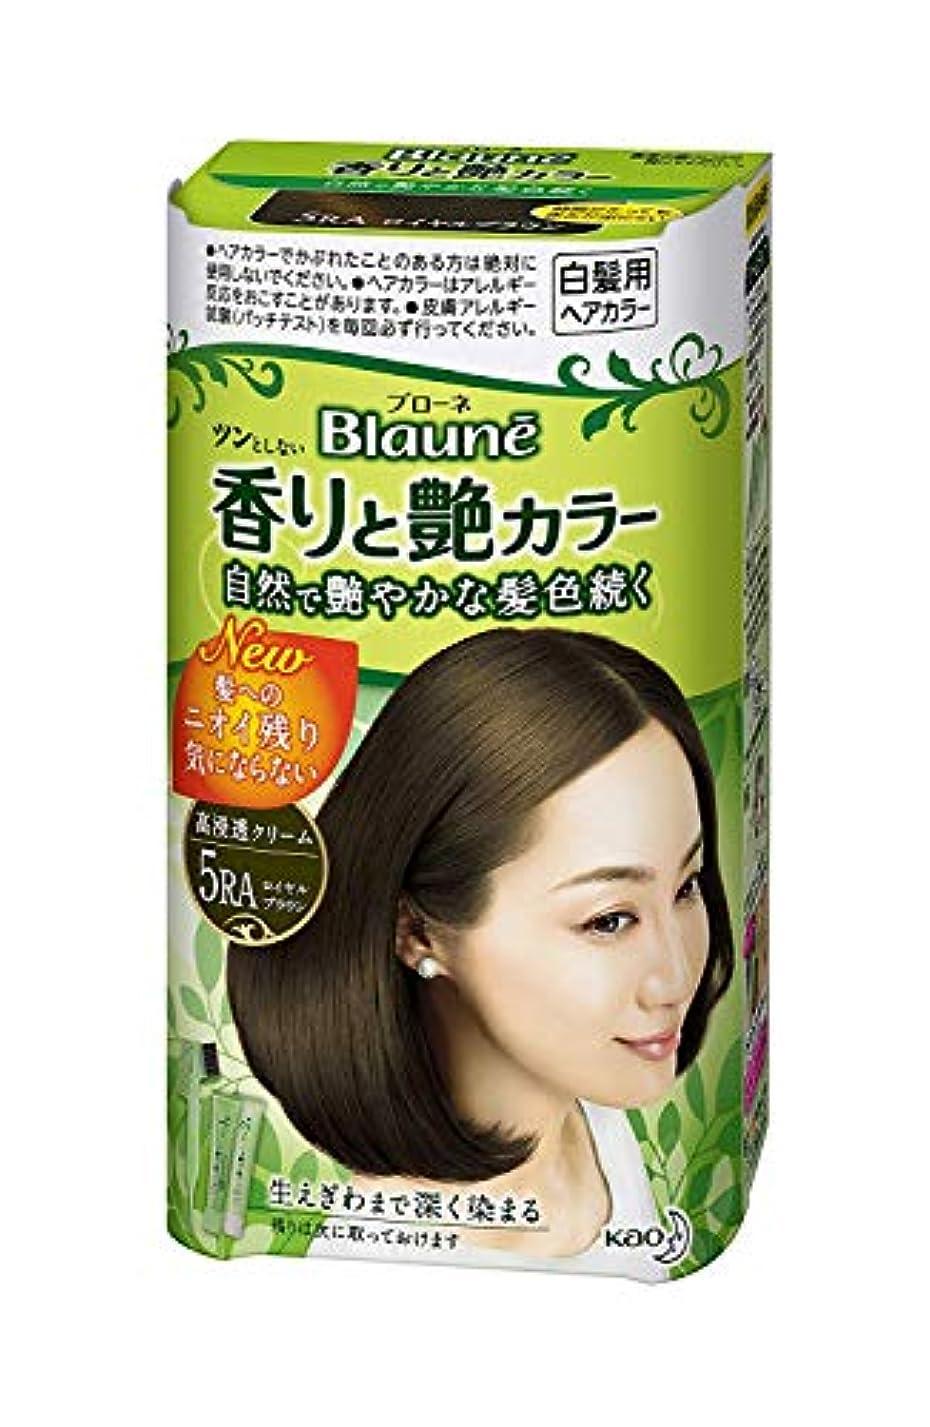 バーター持続的プロフェッショナル【花王】ブローネ香りと艶カラークリーム 5RA 80g ×10個セット